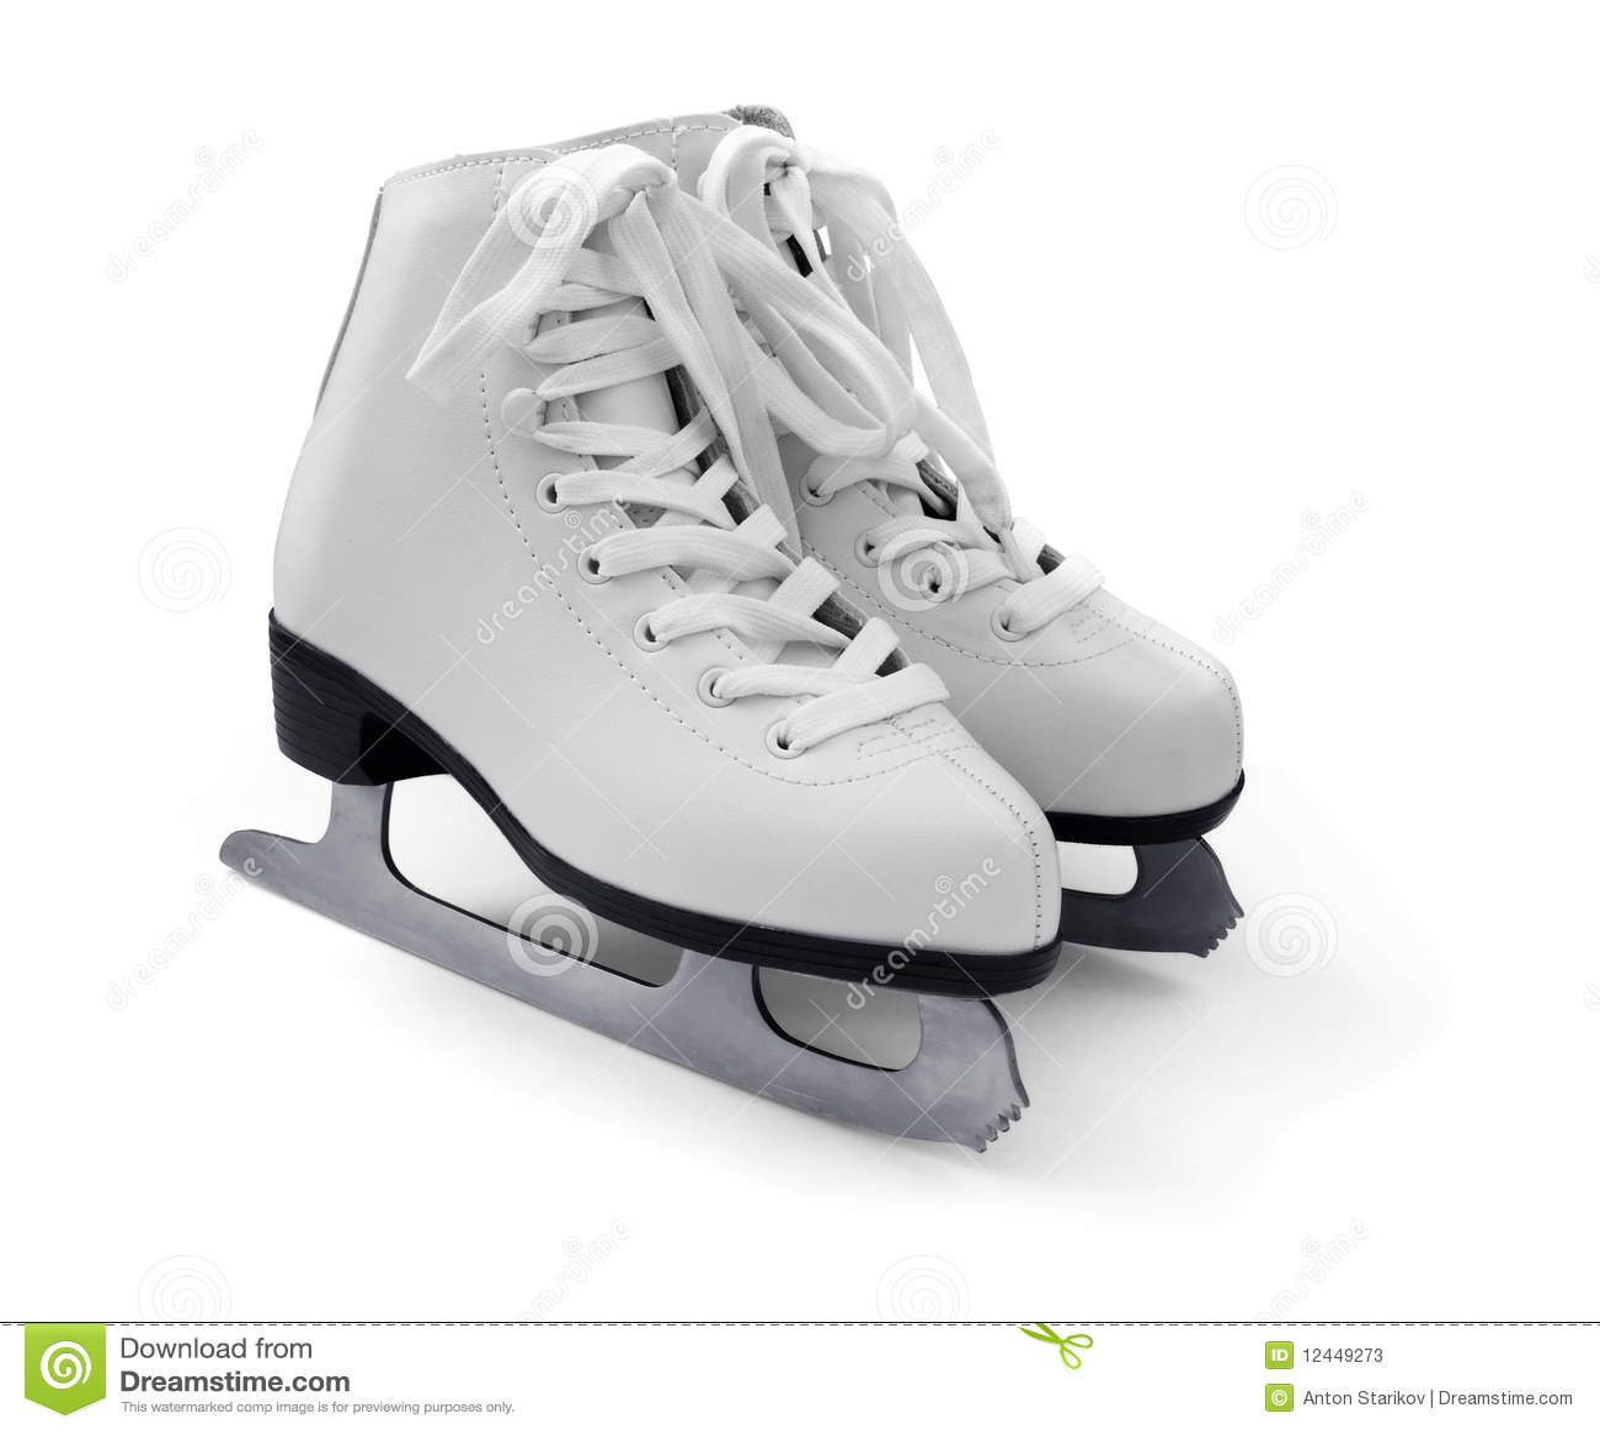 White Figure Ice Skates Stock Photos Image 12449273